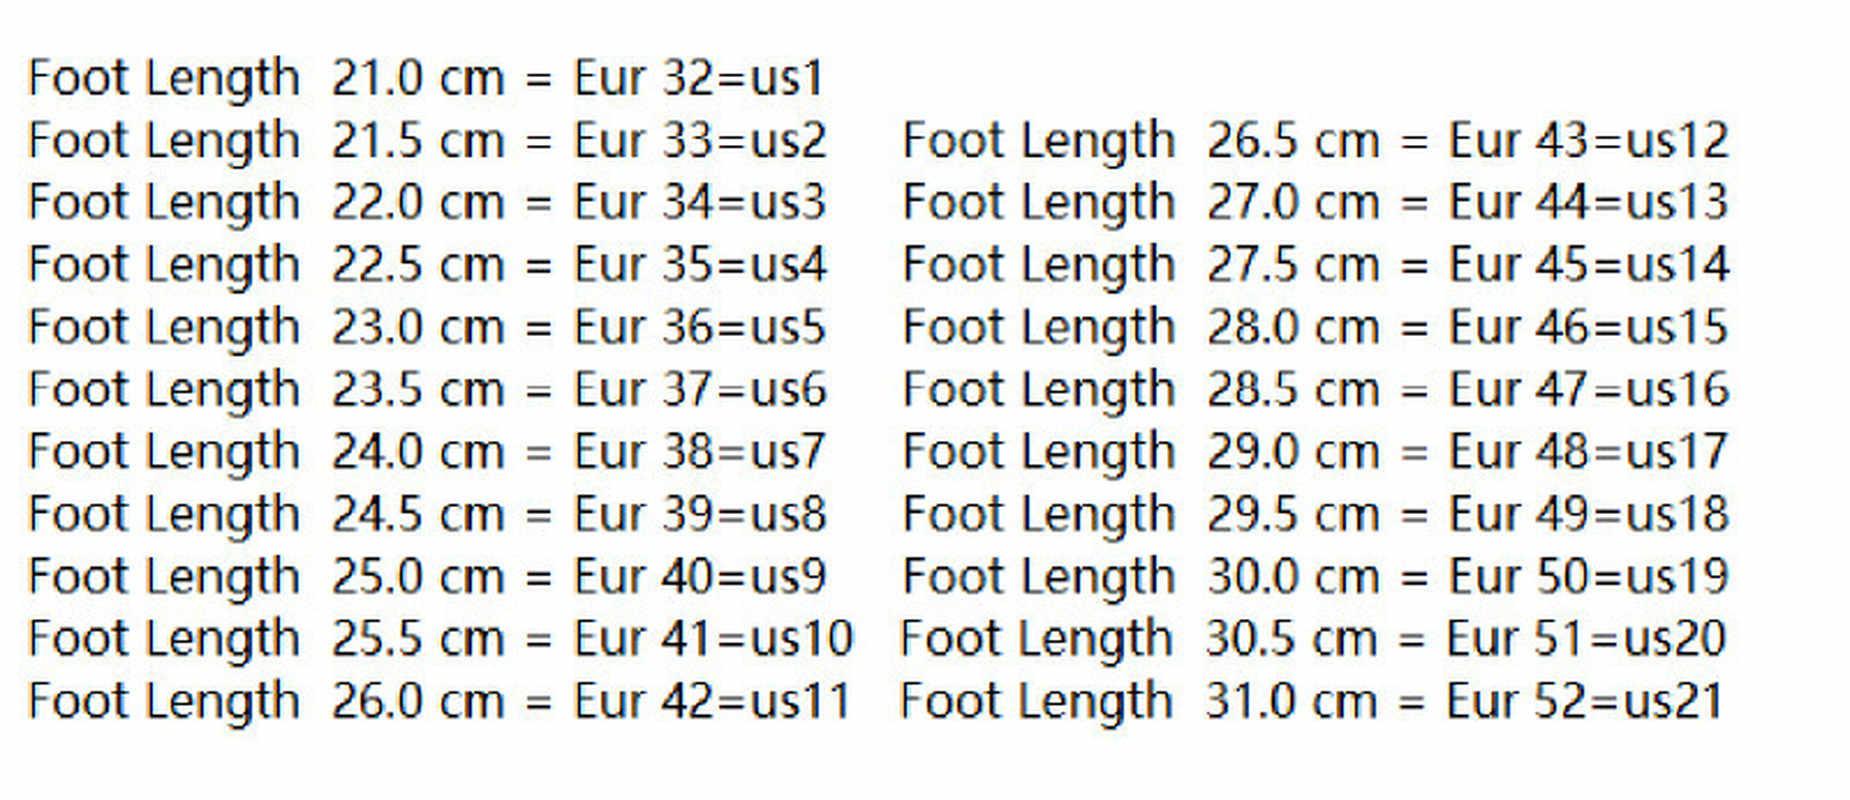 รองเท้าสตรีฤดูใบไม้ผลิและฤดูใบไม้ร่วงใหม่รอบหัวซิป Lace-up หนารองเท้าส้นสูงสั้นสตรีพลัสขนาด 34-43